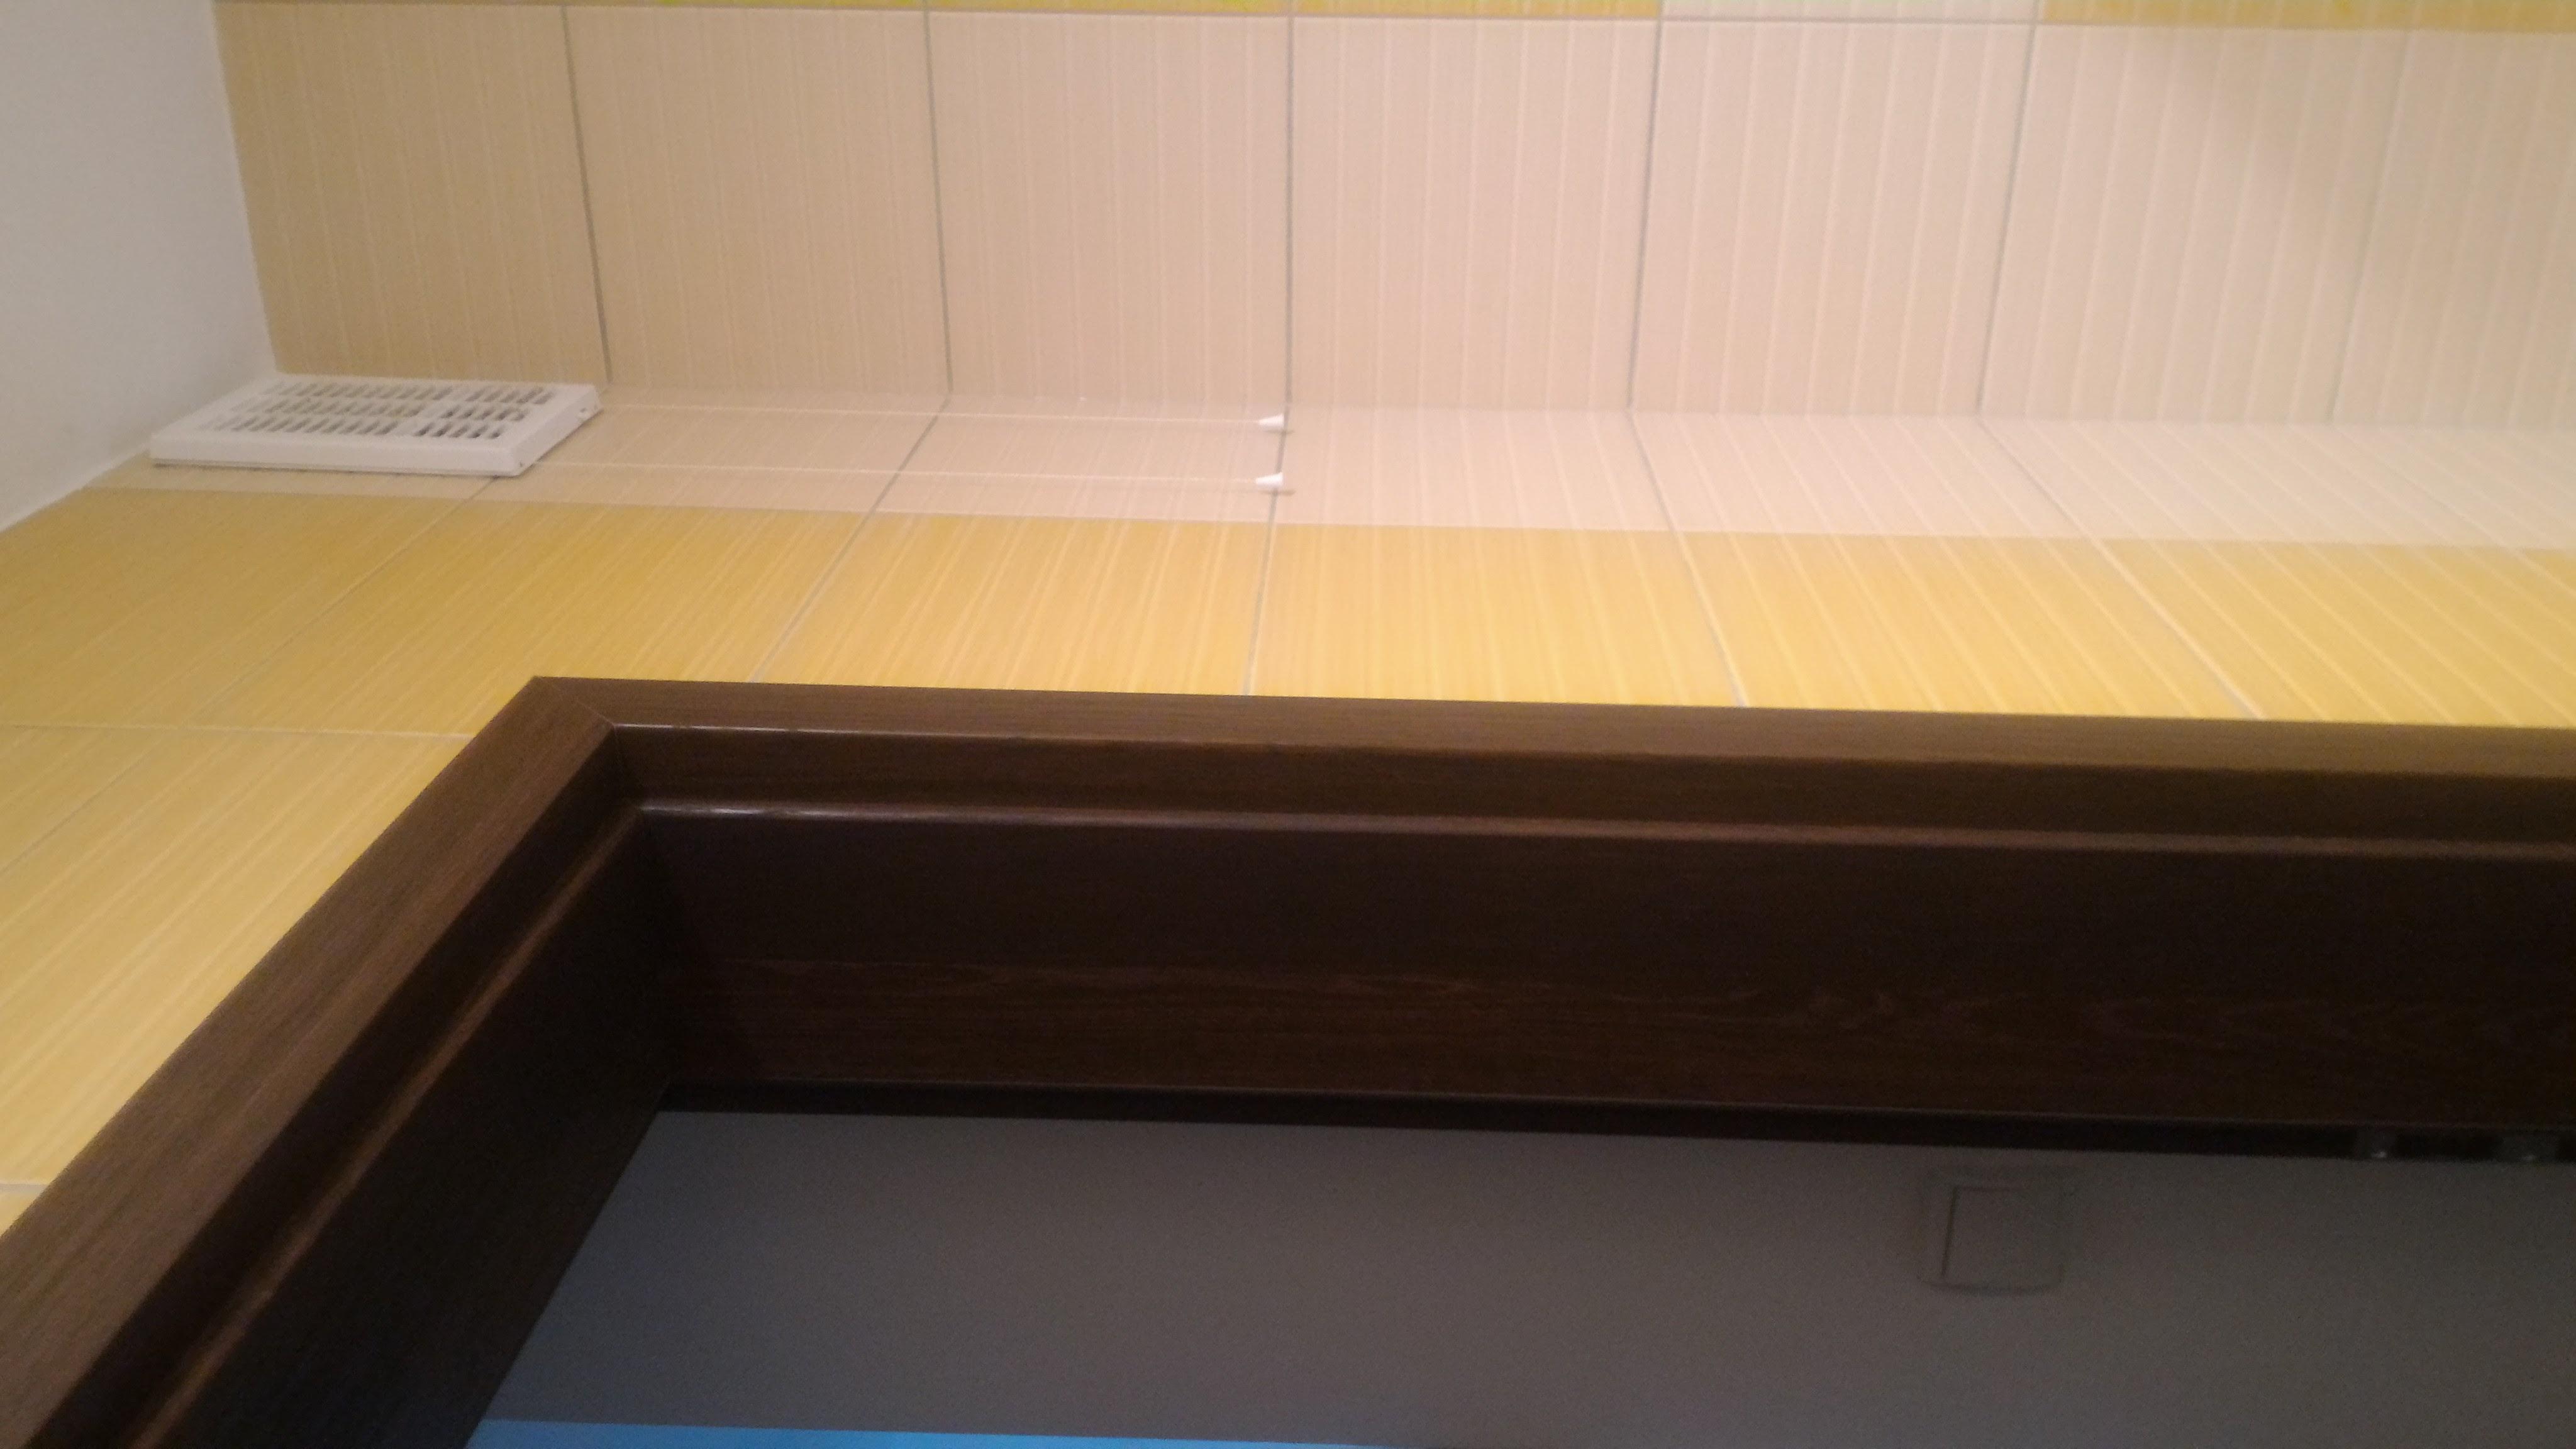 Wentylator Elektryczny W łazience Z Ograniczonym Dostępem Do